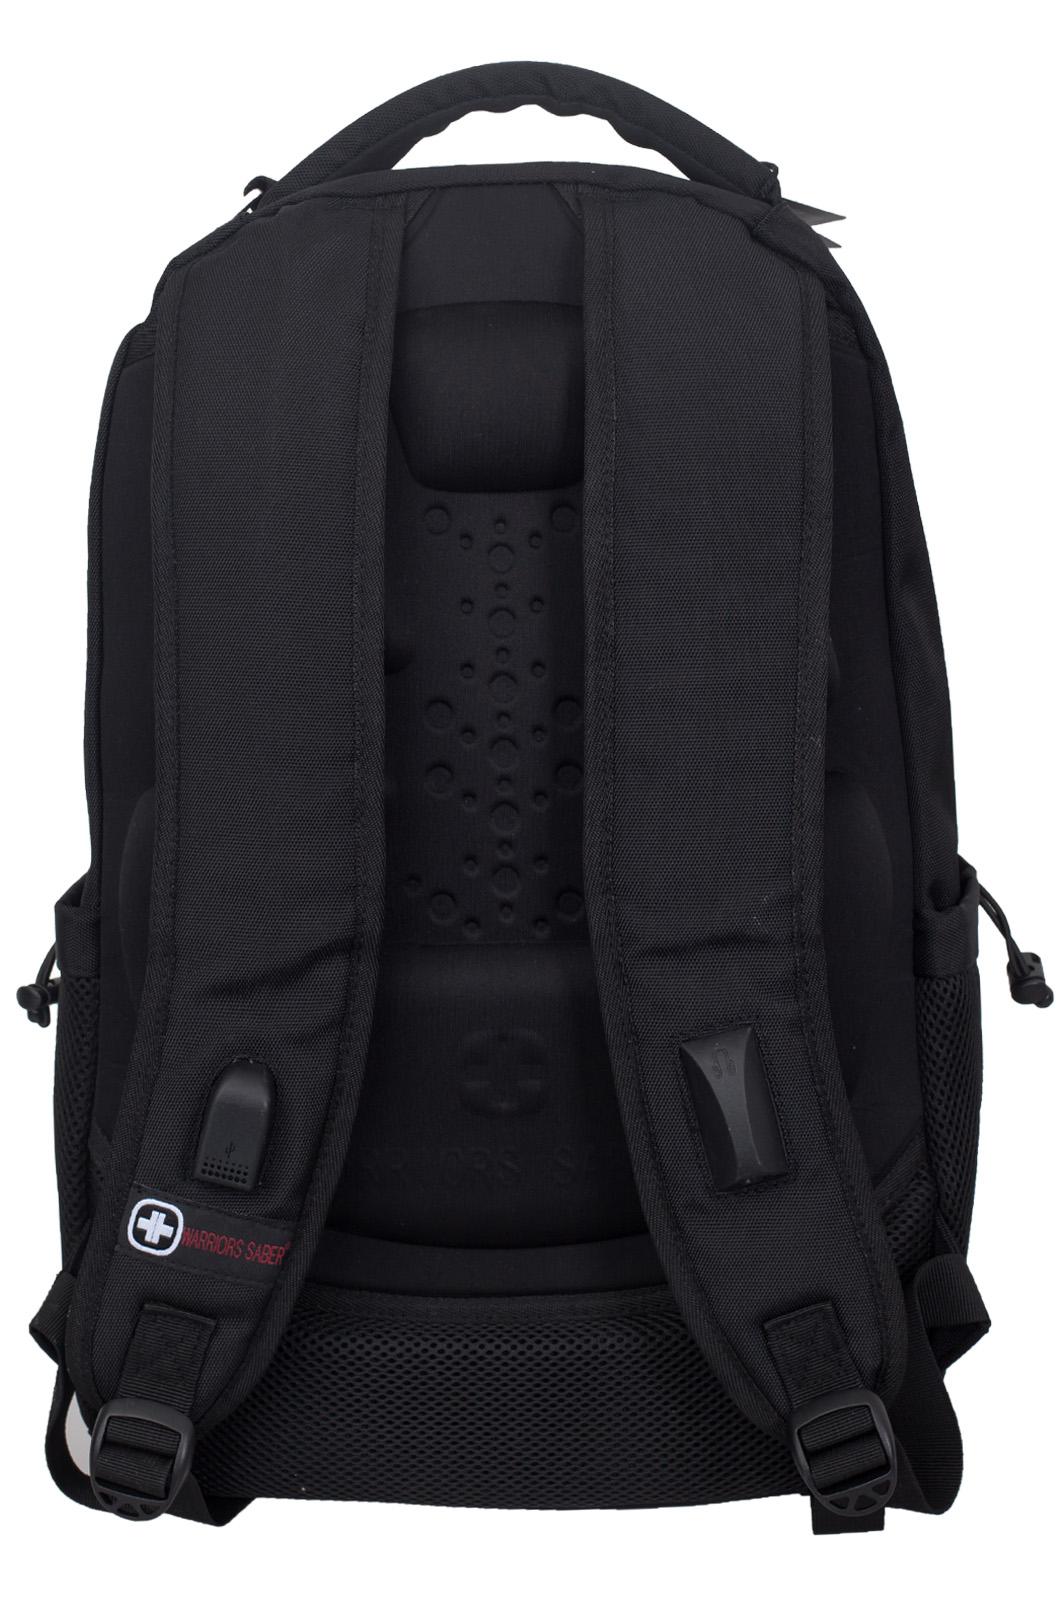 Купить универсальный черный рюкзак с военной нашивкой с удобной доставкой или самовывозом